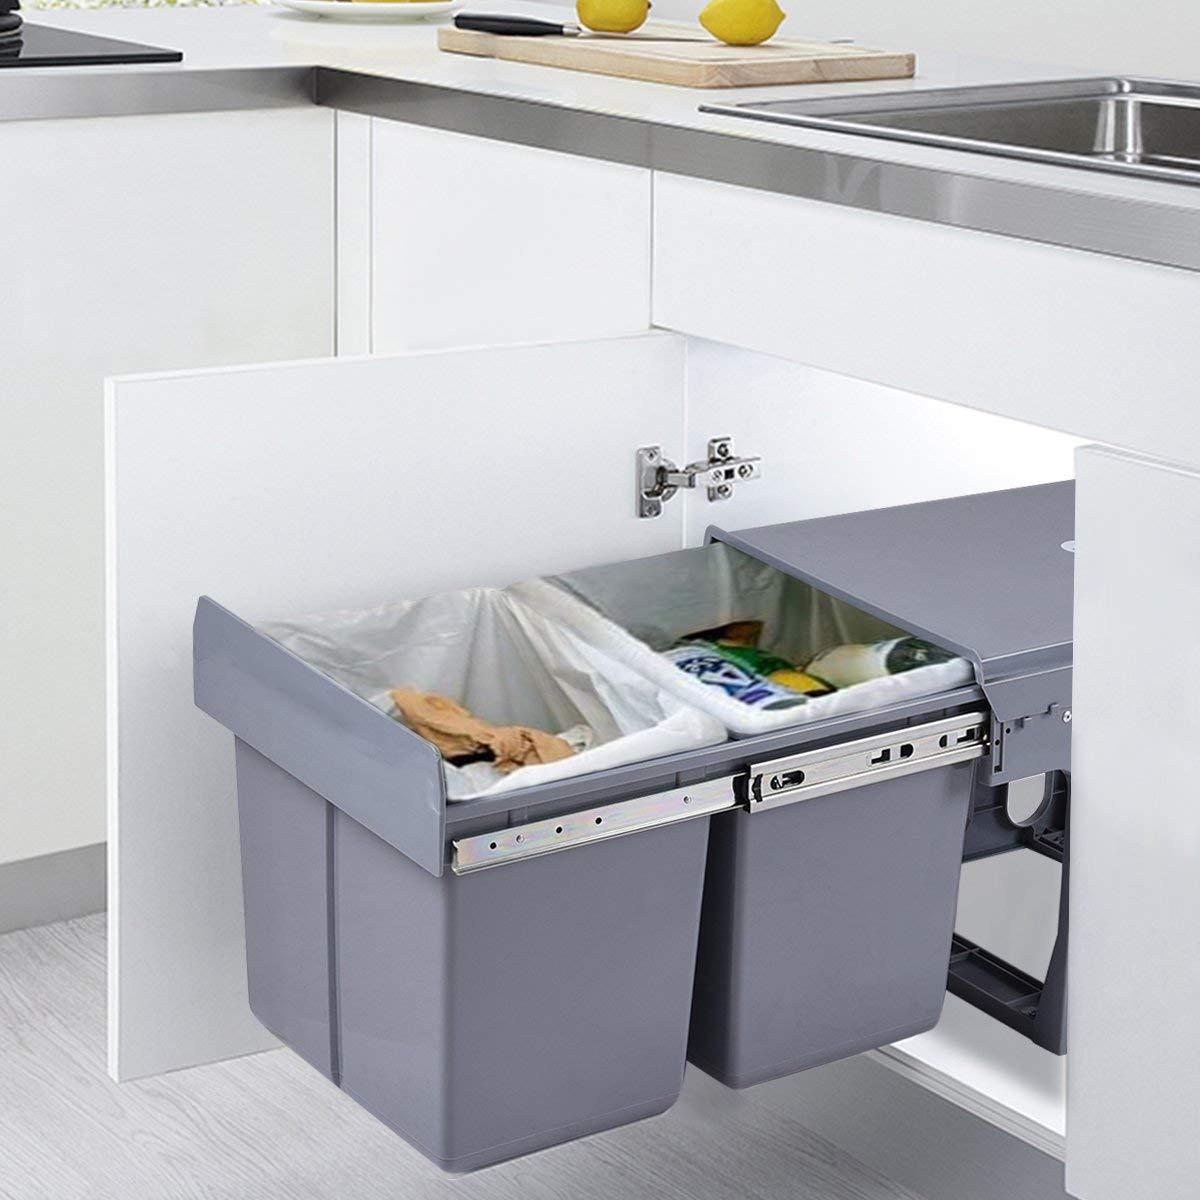 COSTWAY Cubo Basura Compartimento Cocinas con 3 Cubetas,Tomadero y Cubierta Botes de Basura Integrada Sistema Separaci/ón Desechos Basura 10Lx3